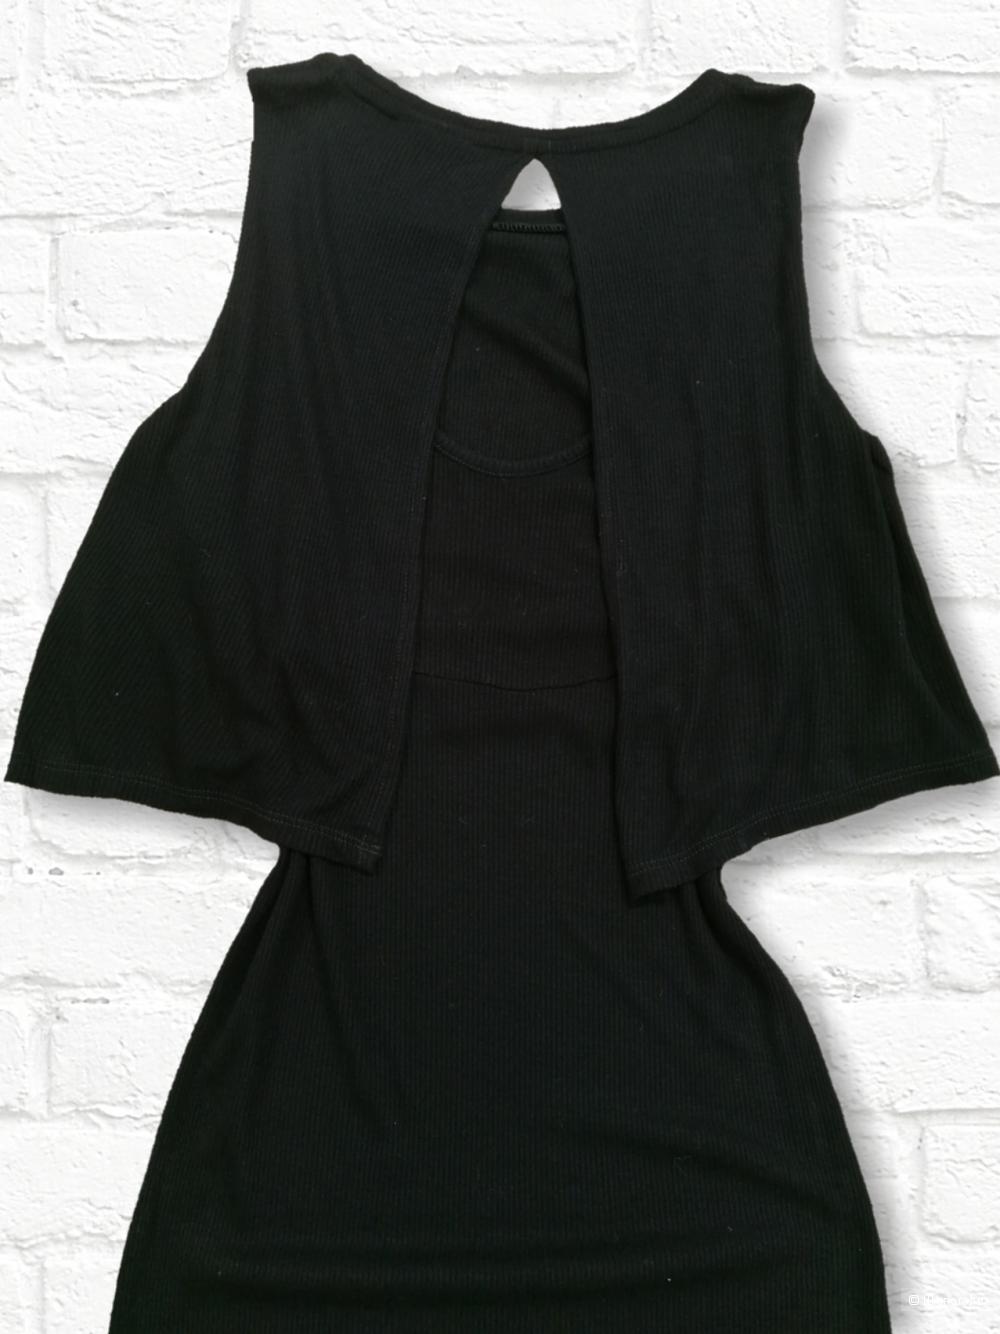 Платье. TopShop. 42/44